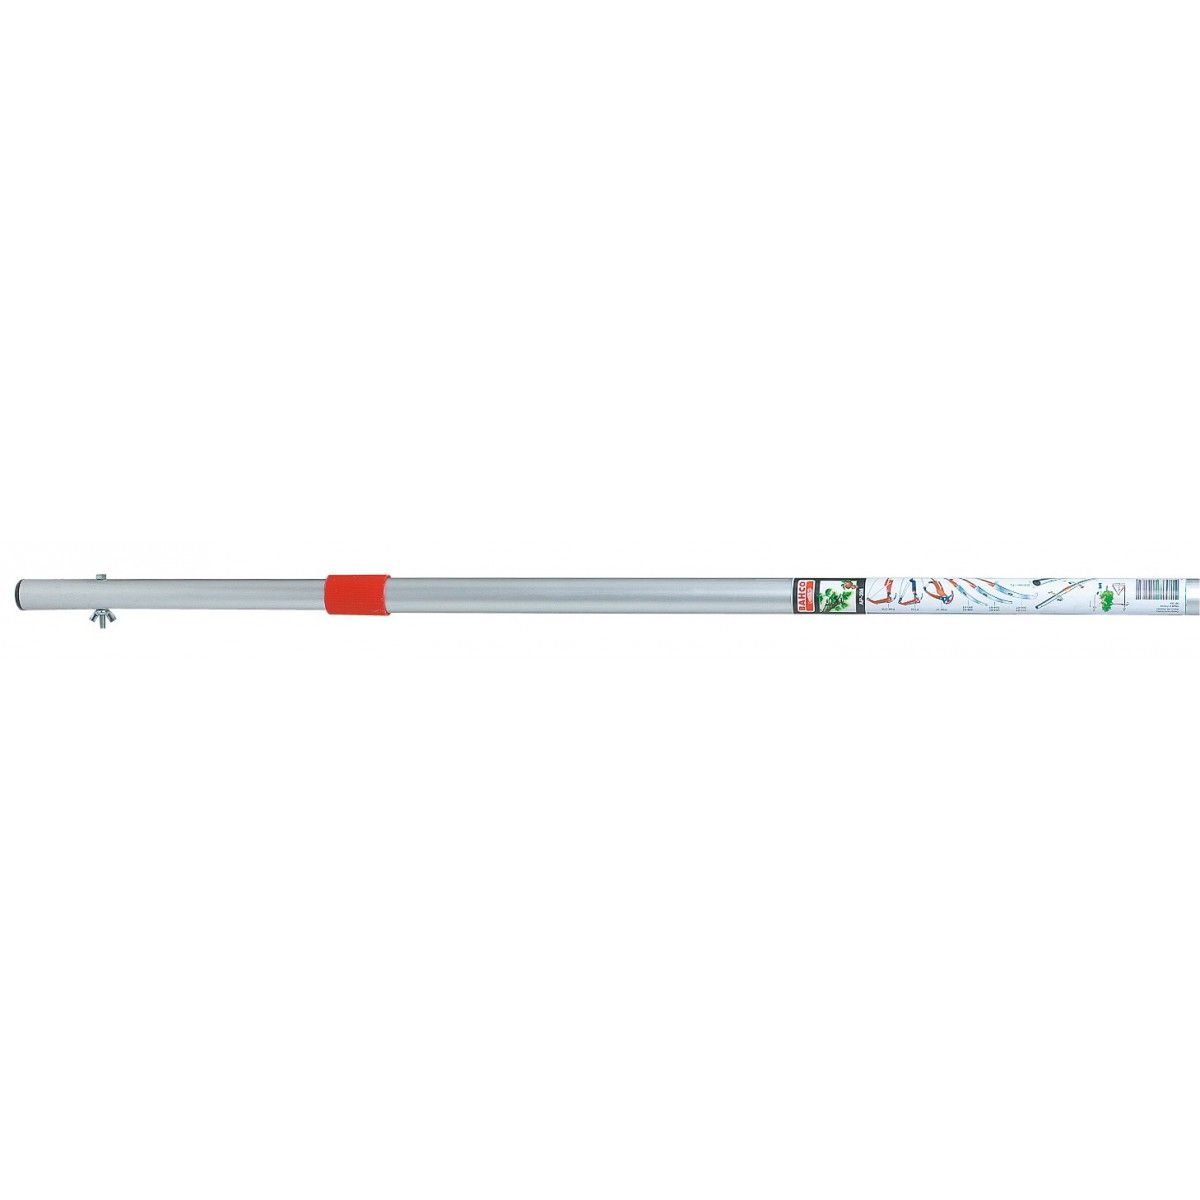 Manche perche télescopique pour échenilloir Bahco - 3 brins - 5 m